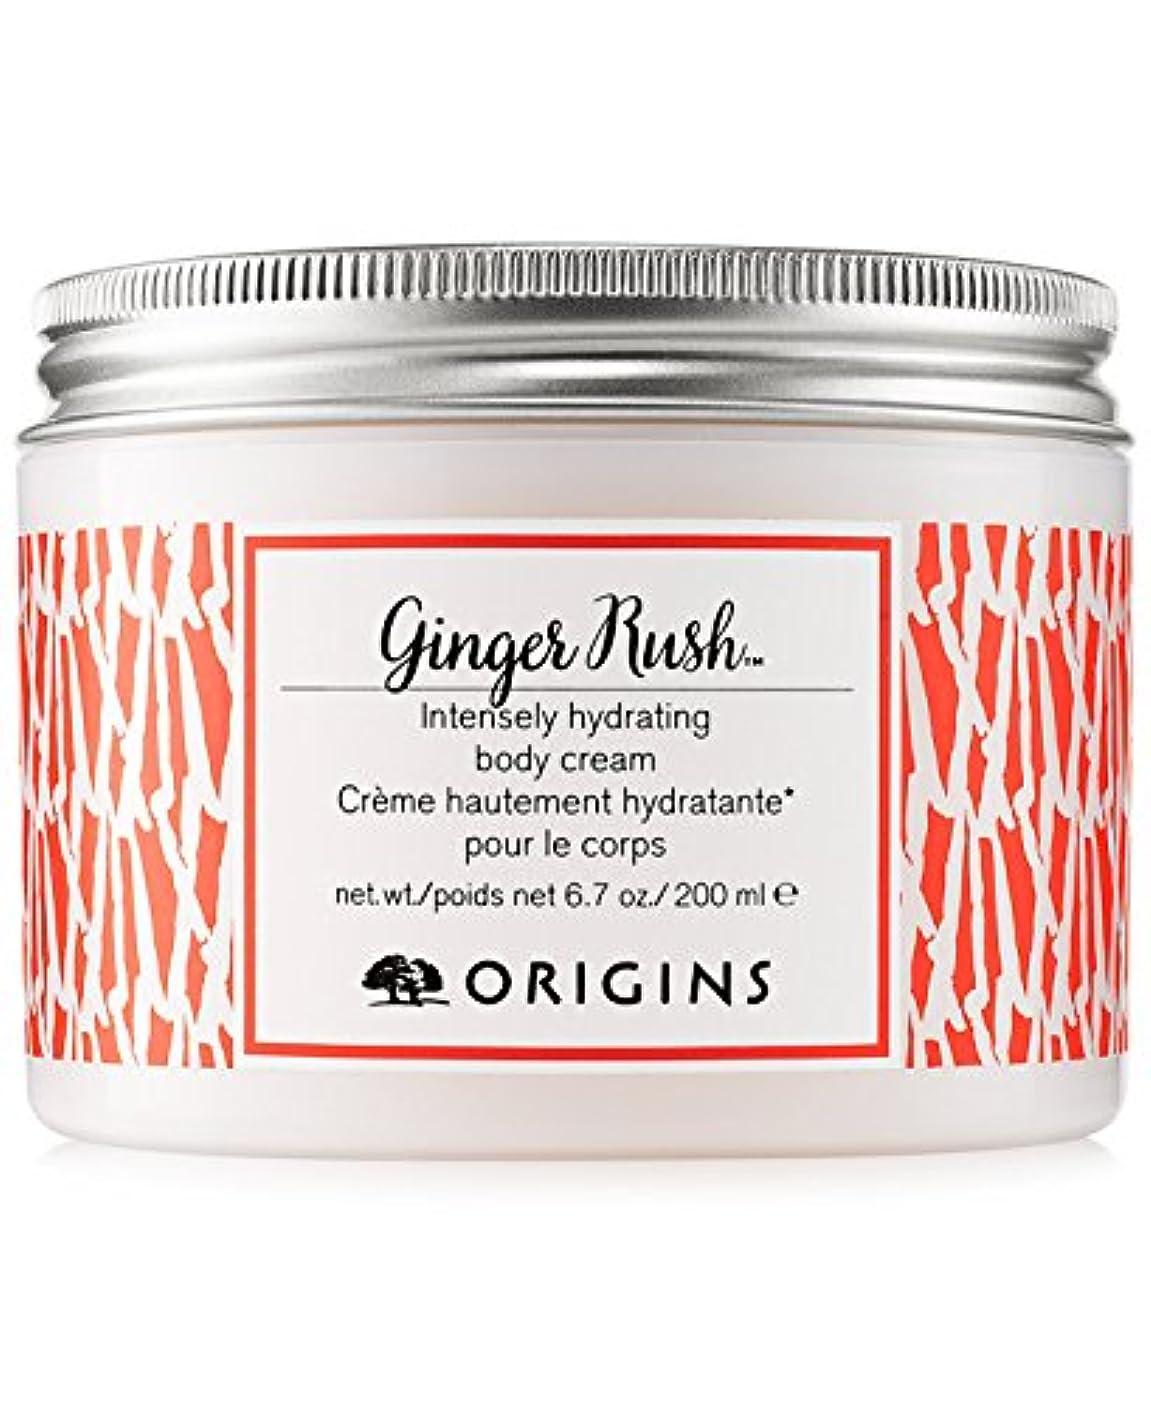 トラフ船上雨Origins Ginger Rush Hydrating Body Cream, 6.7 oz.200 ml